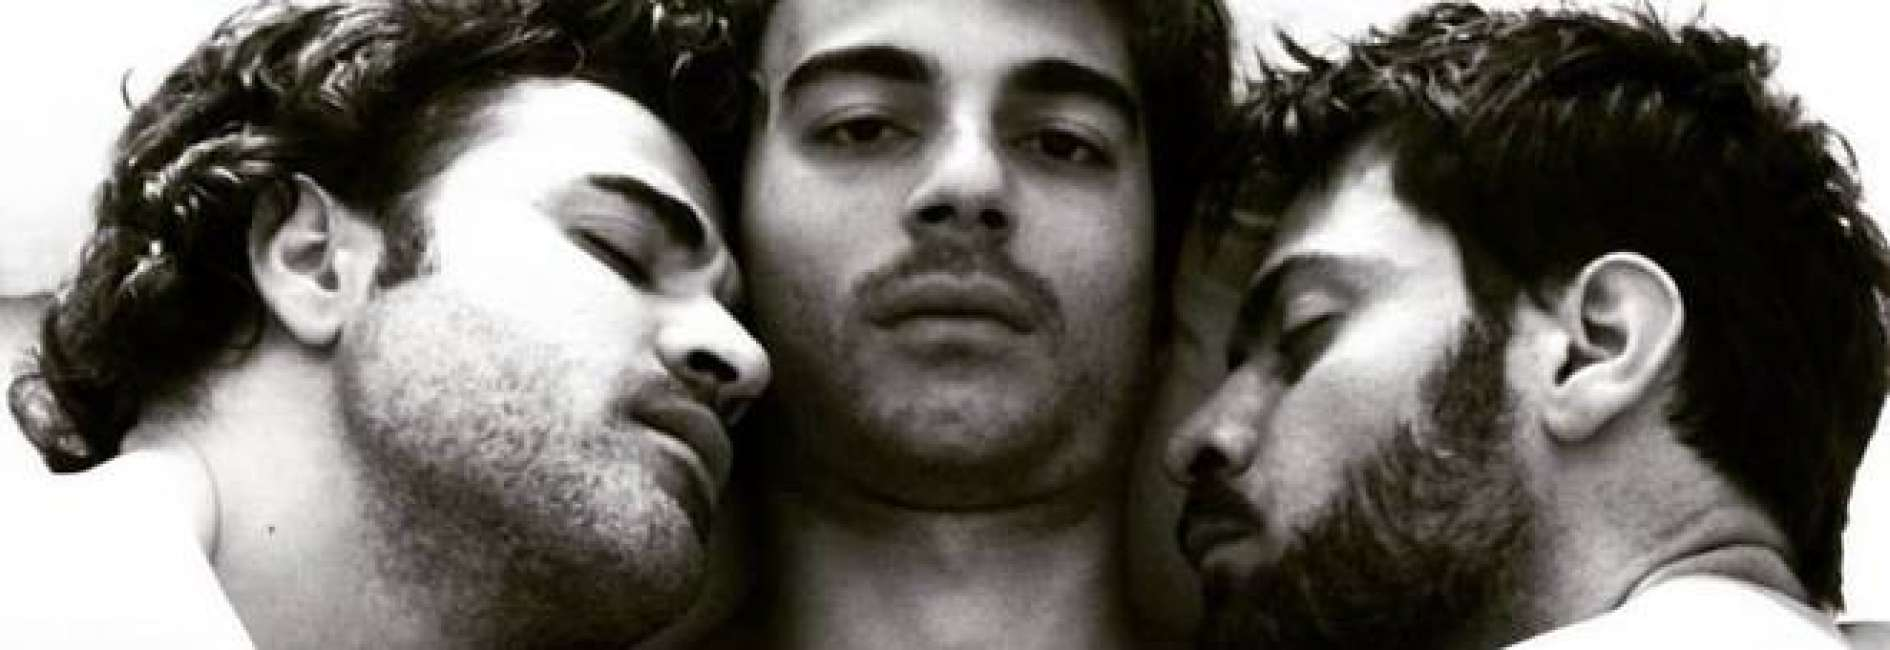 L'omicidio di Luca Varani finisce in teatro: tre ragazzi, tre storie e un omicidio